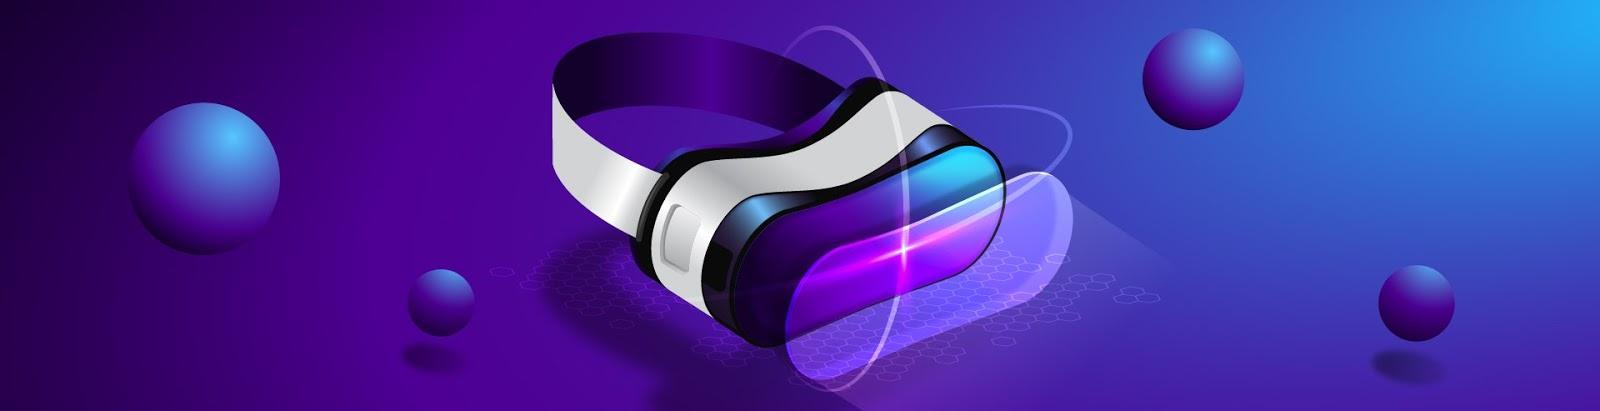 VR-кухня: чего не видно в шлеме - 1